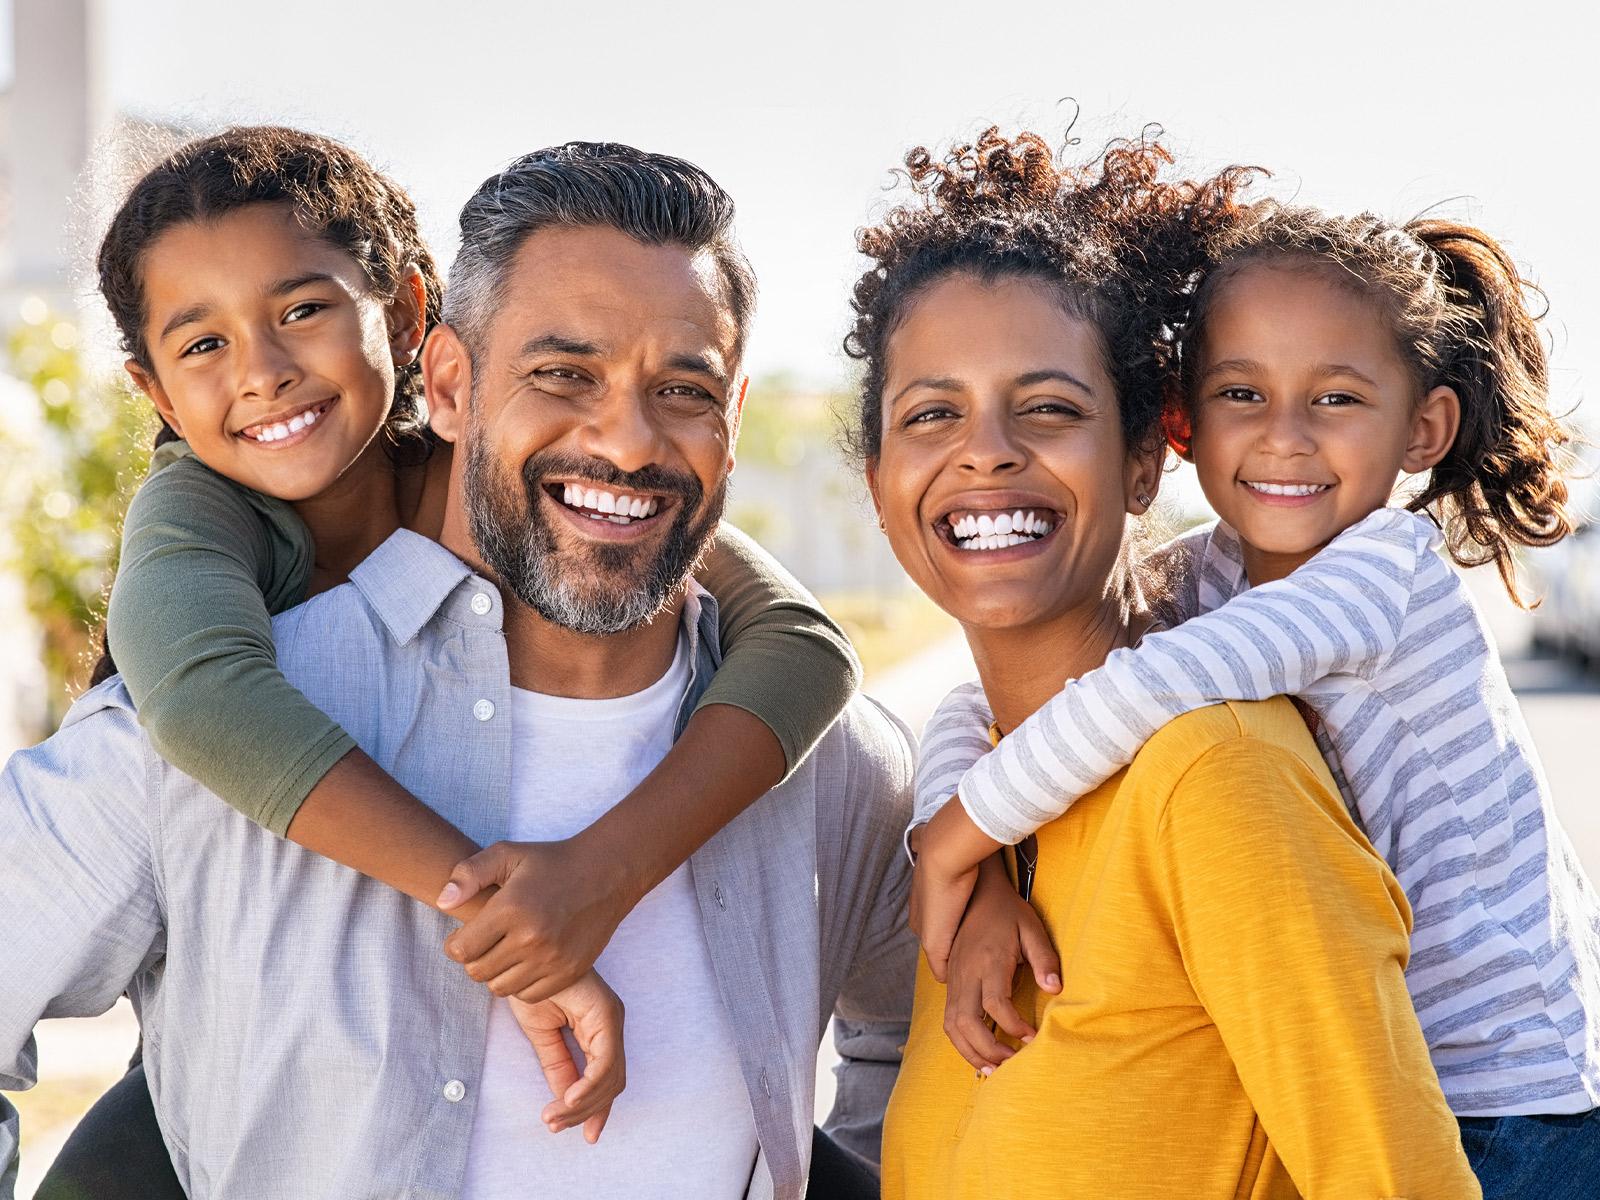 A-Igreja-Católica-permite-planejar-o-número-de-filhos